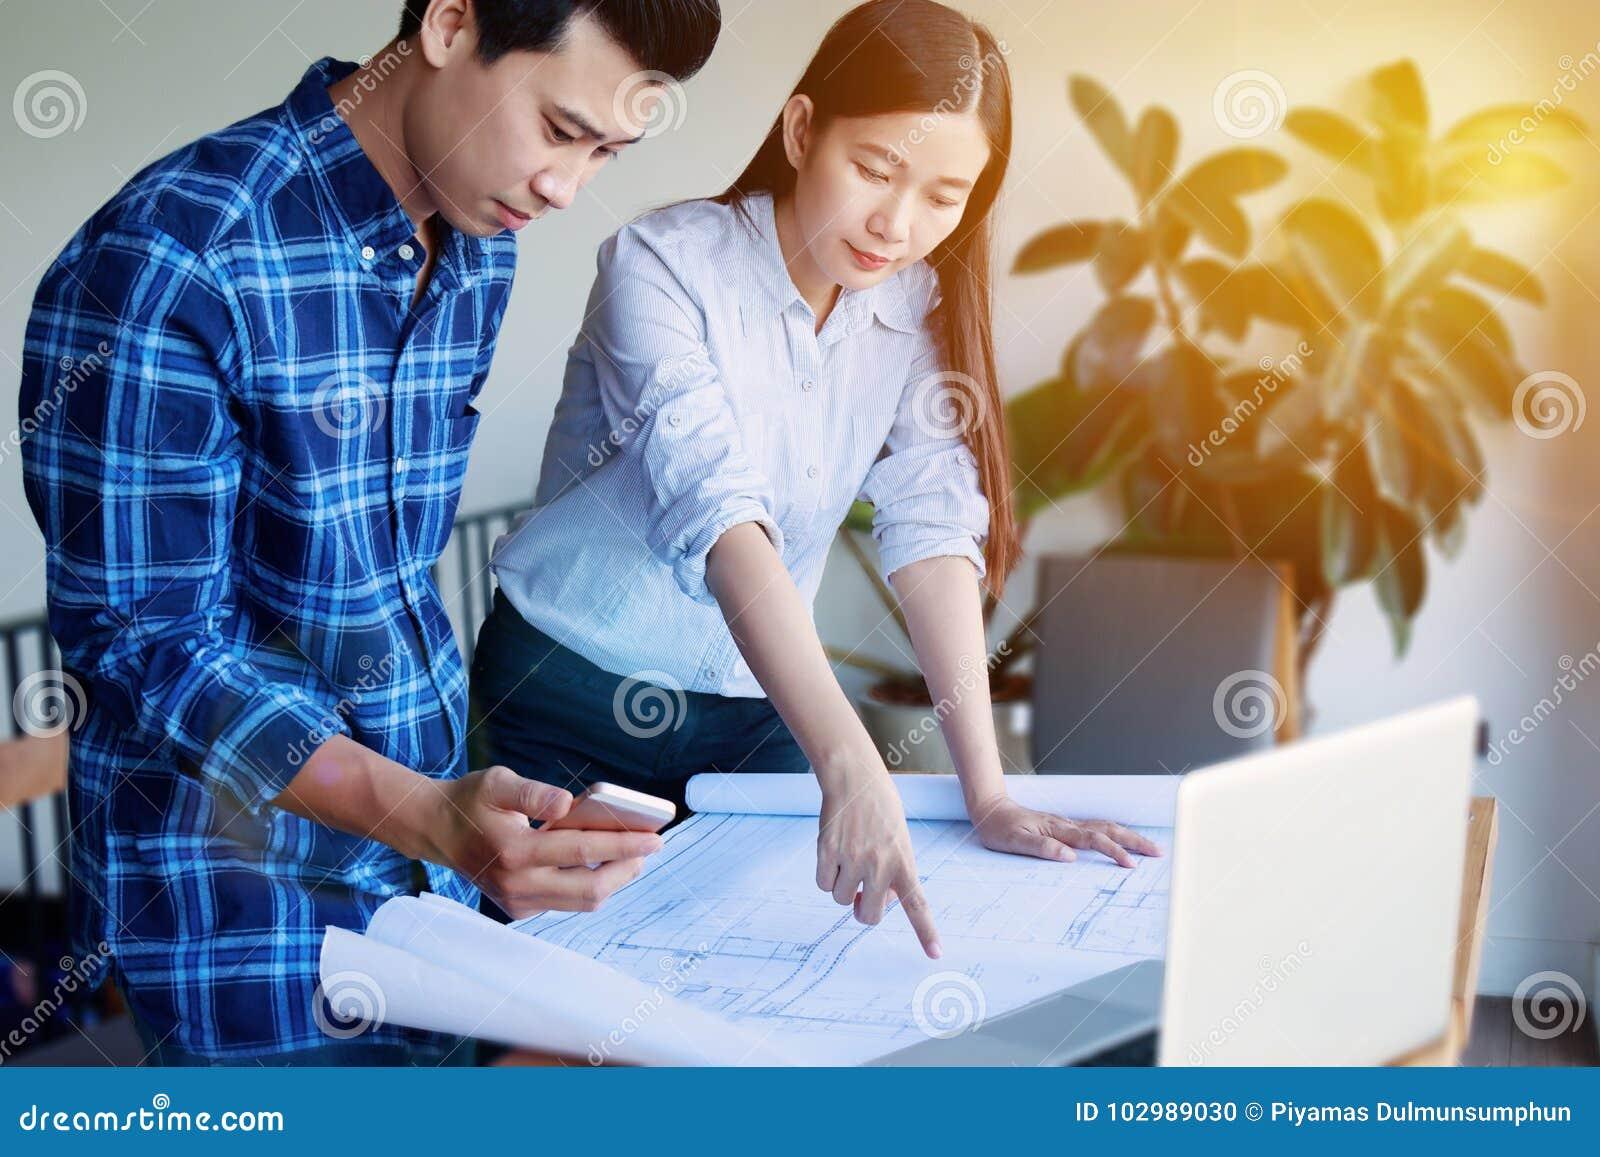 Η κατασκευή, σχεδιαστής και ανακαινίζει την έννοια - Οι αρχιτέκτονες εργάζονται